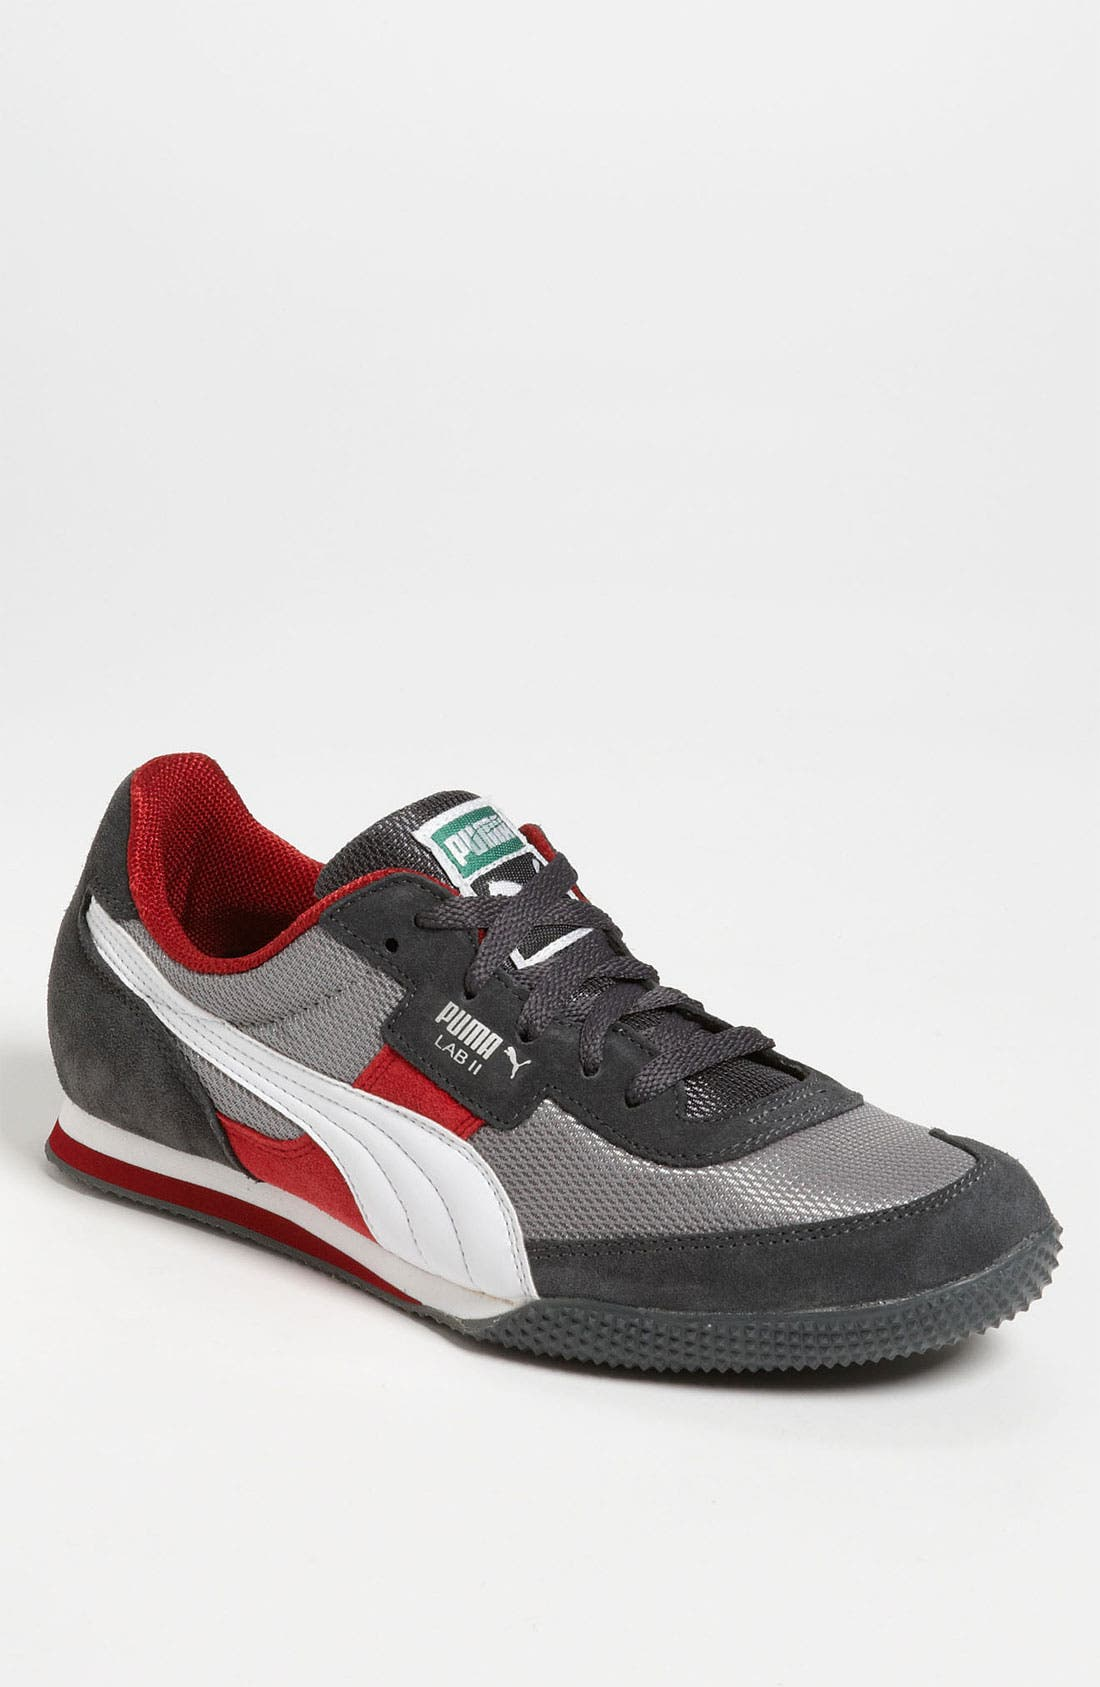 Main Image - PUMA 'Lab II FB' Sneaker (Men)